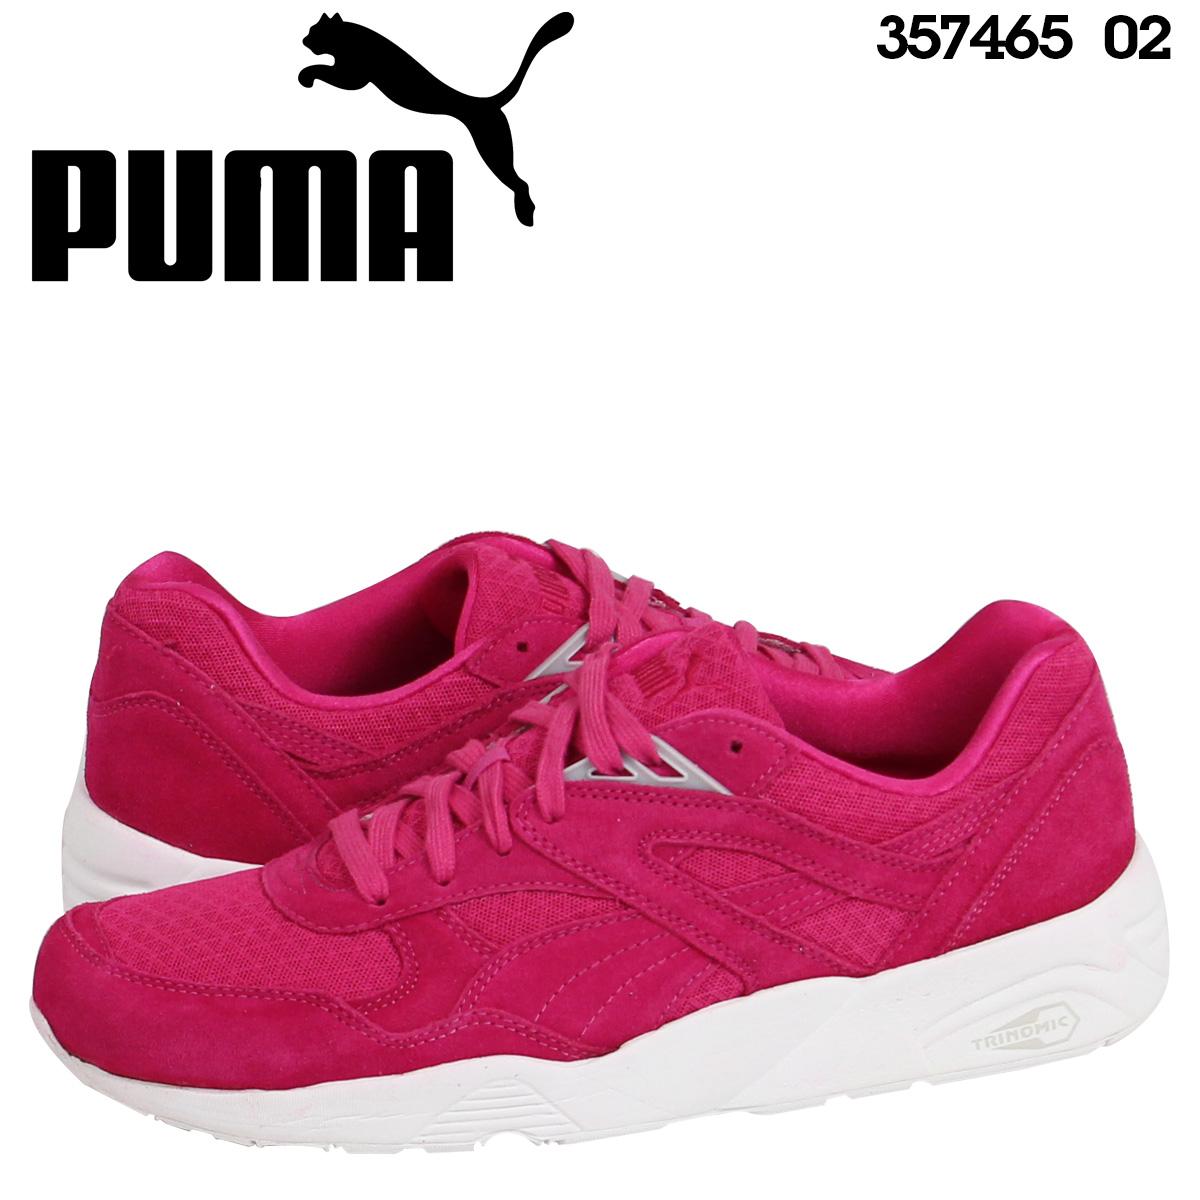 puma trinomic r698 price men